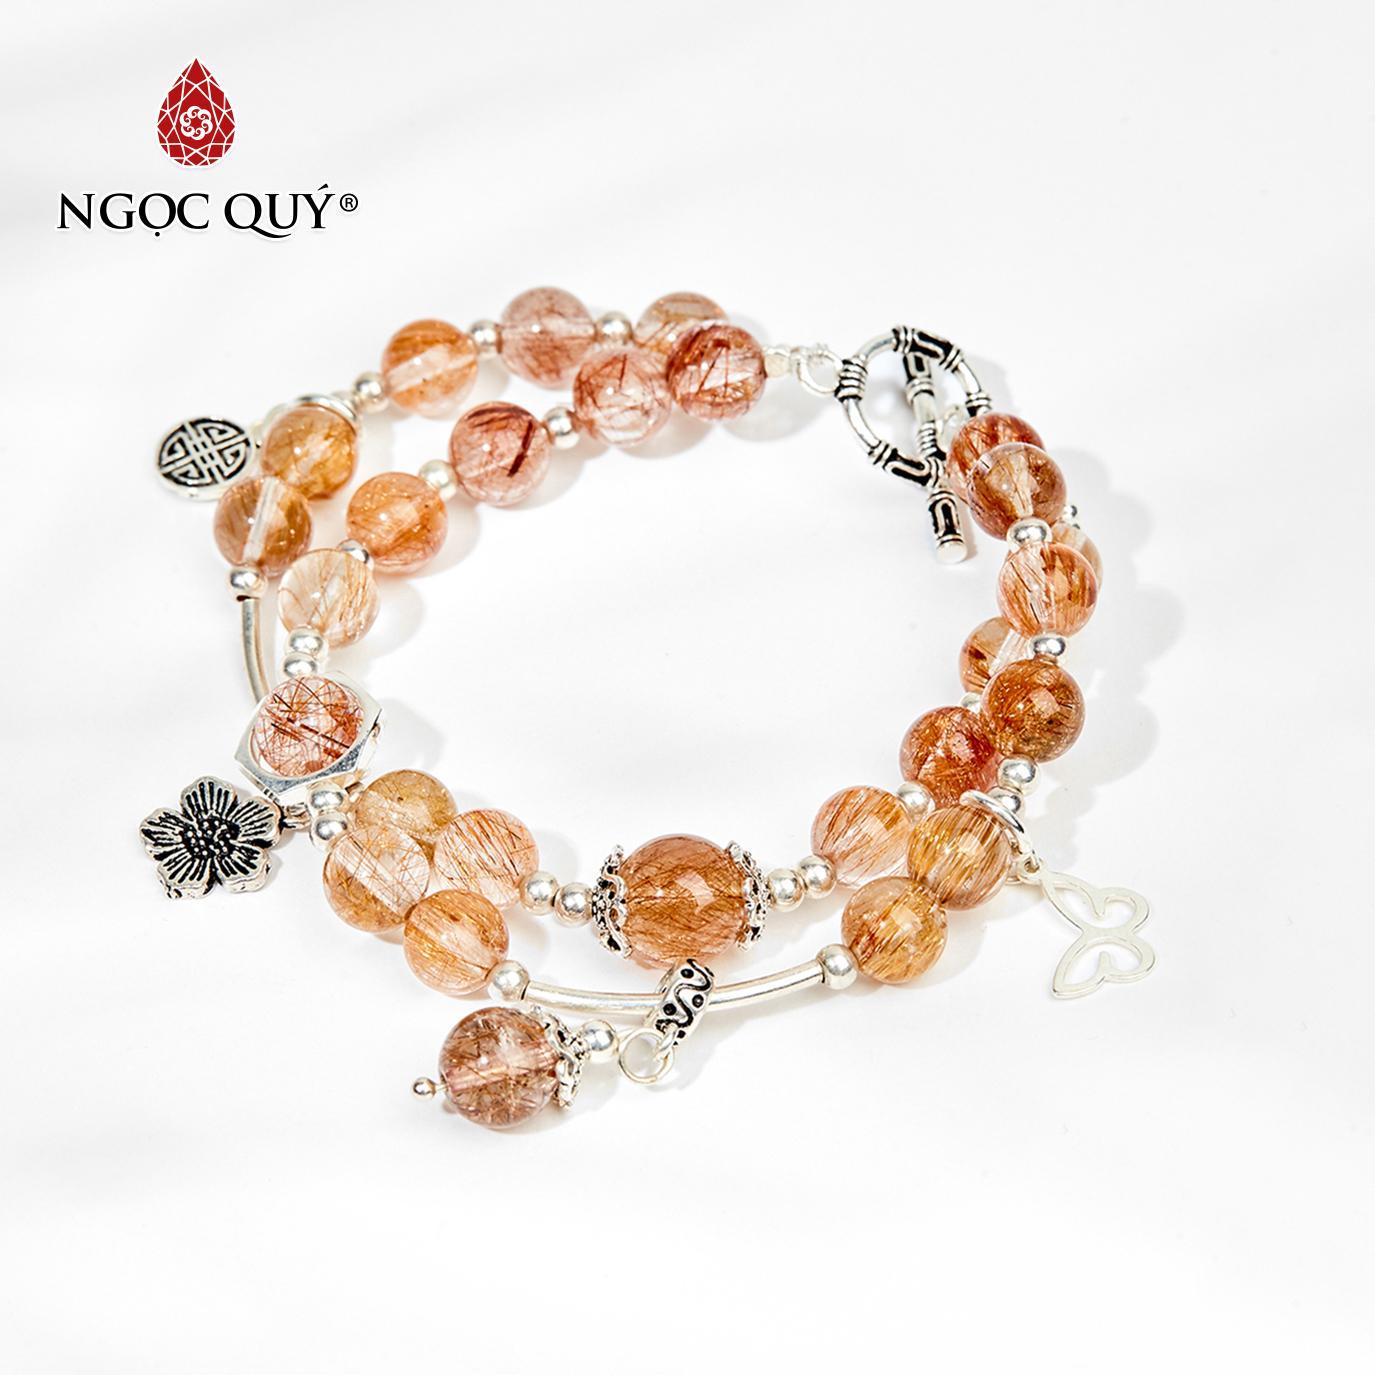 Vòng tay đá thạch anh tóc đỏ charm hoa 7mm mệnh hỏa,thổ (màu đỏ cam) - Ngọc Quý Gemstones